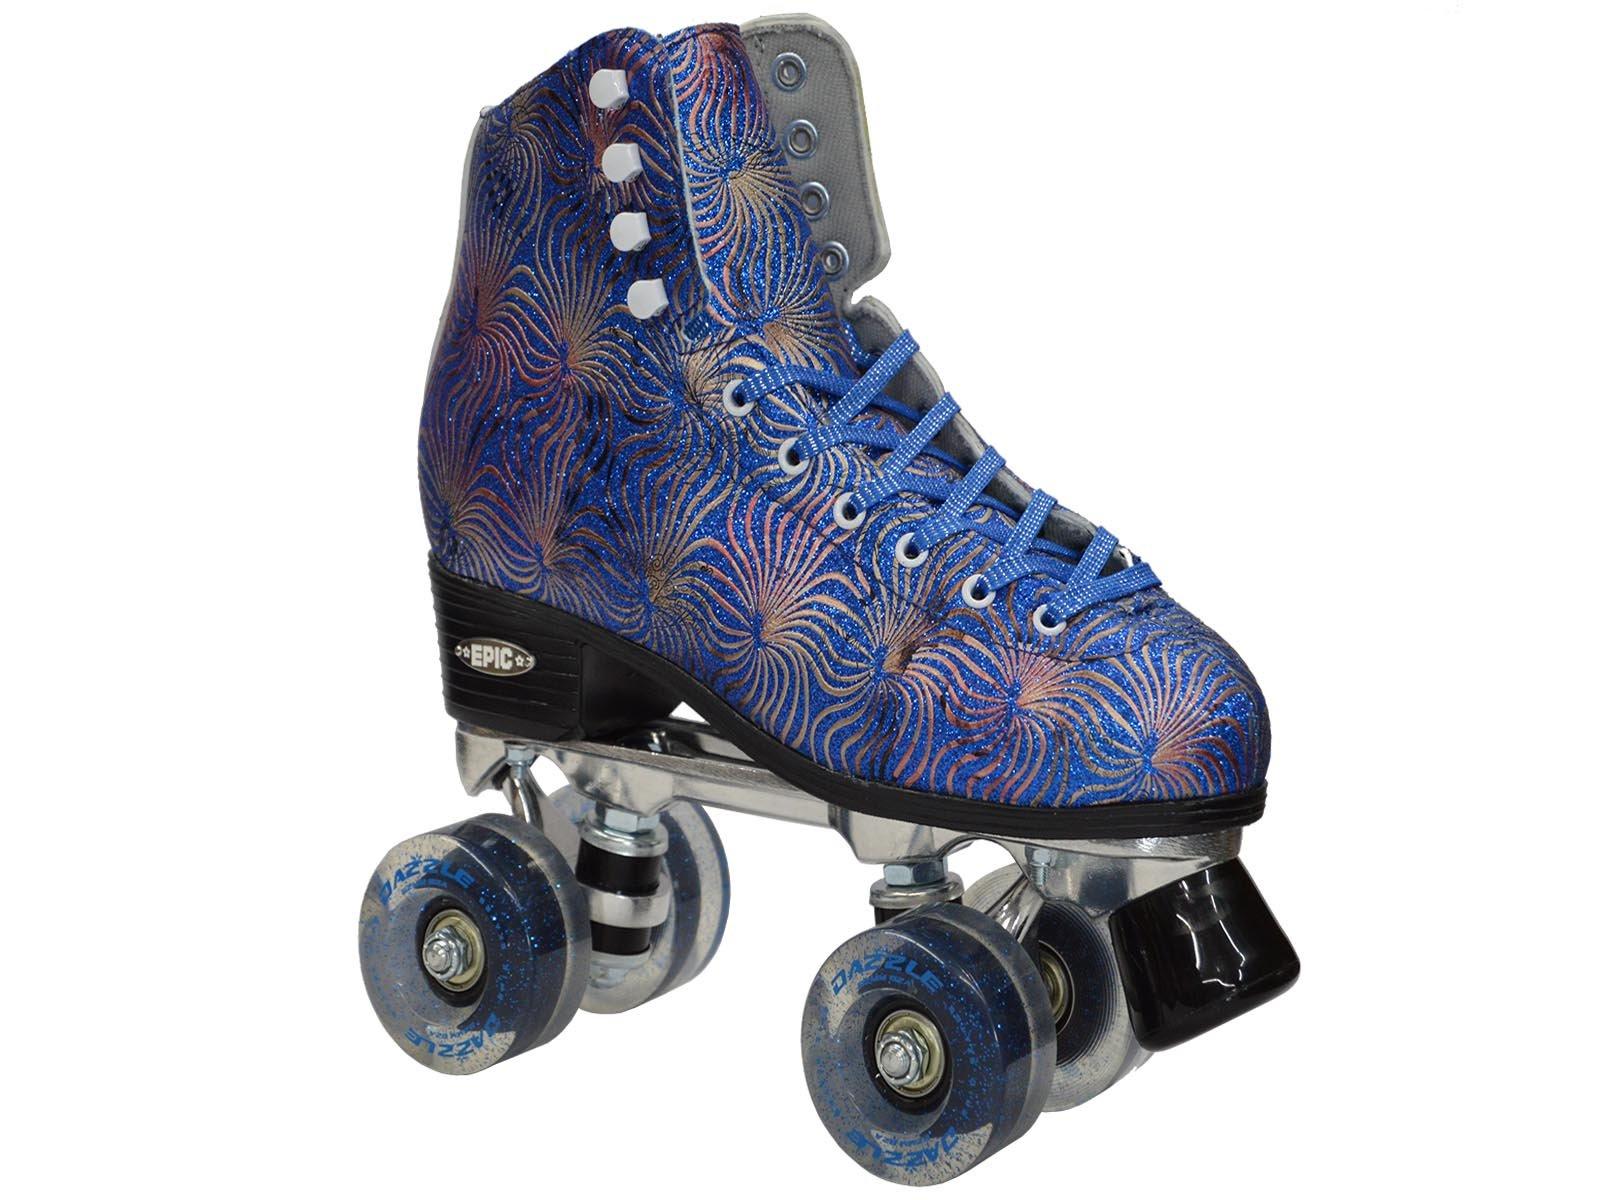 Epic Skates Dazzle10 Quad Roller Skates, Blue